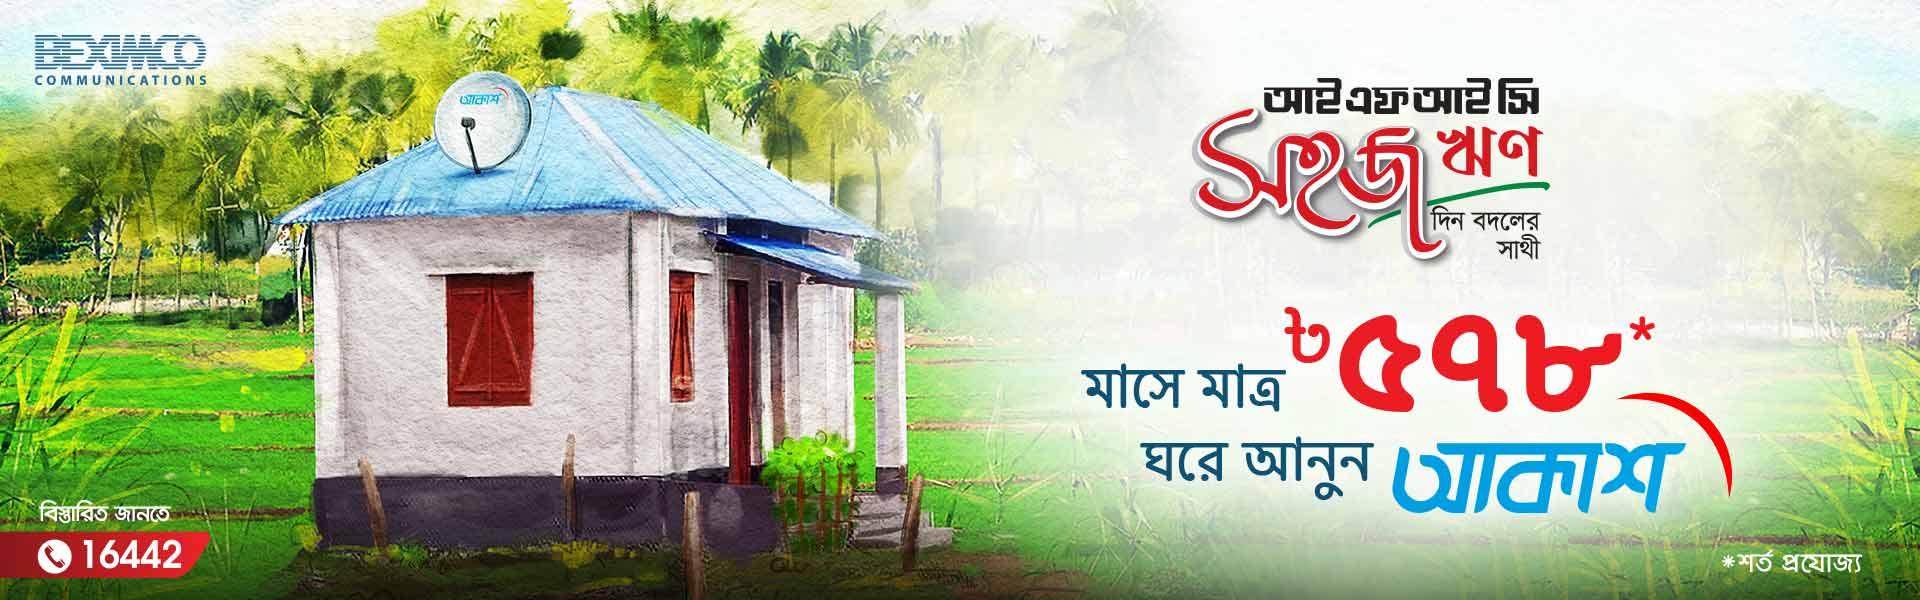 IFIC Shohoj Rin Campaign